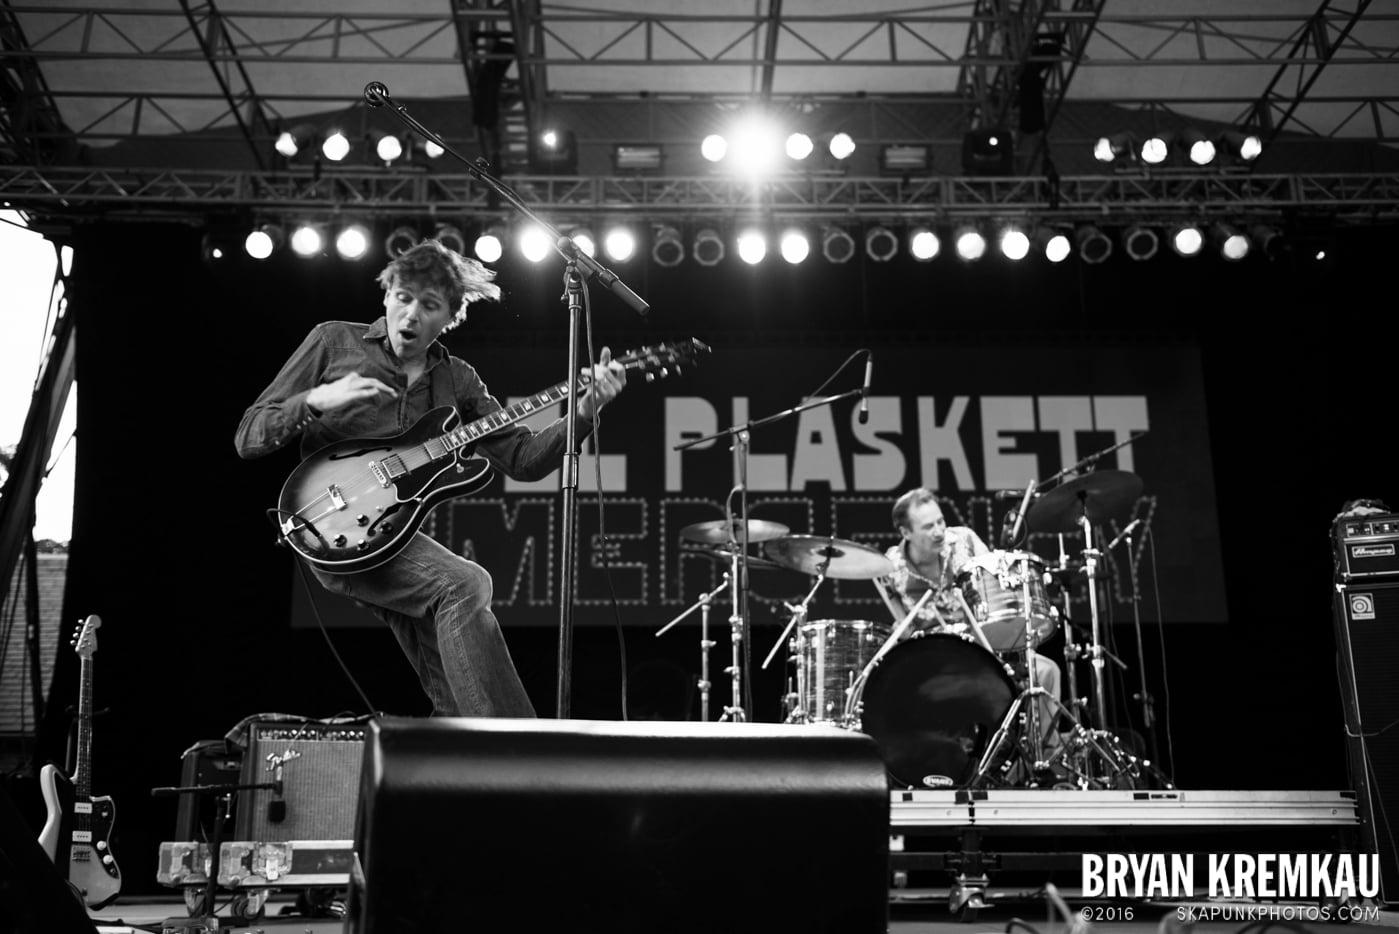 Joel Plaskett Emergency @ Central Park Summer Stage, NYC - 6.29.13 (19)